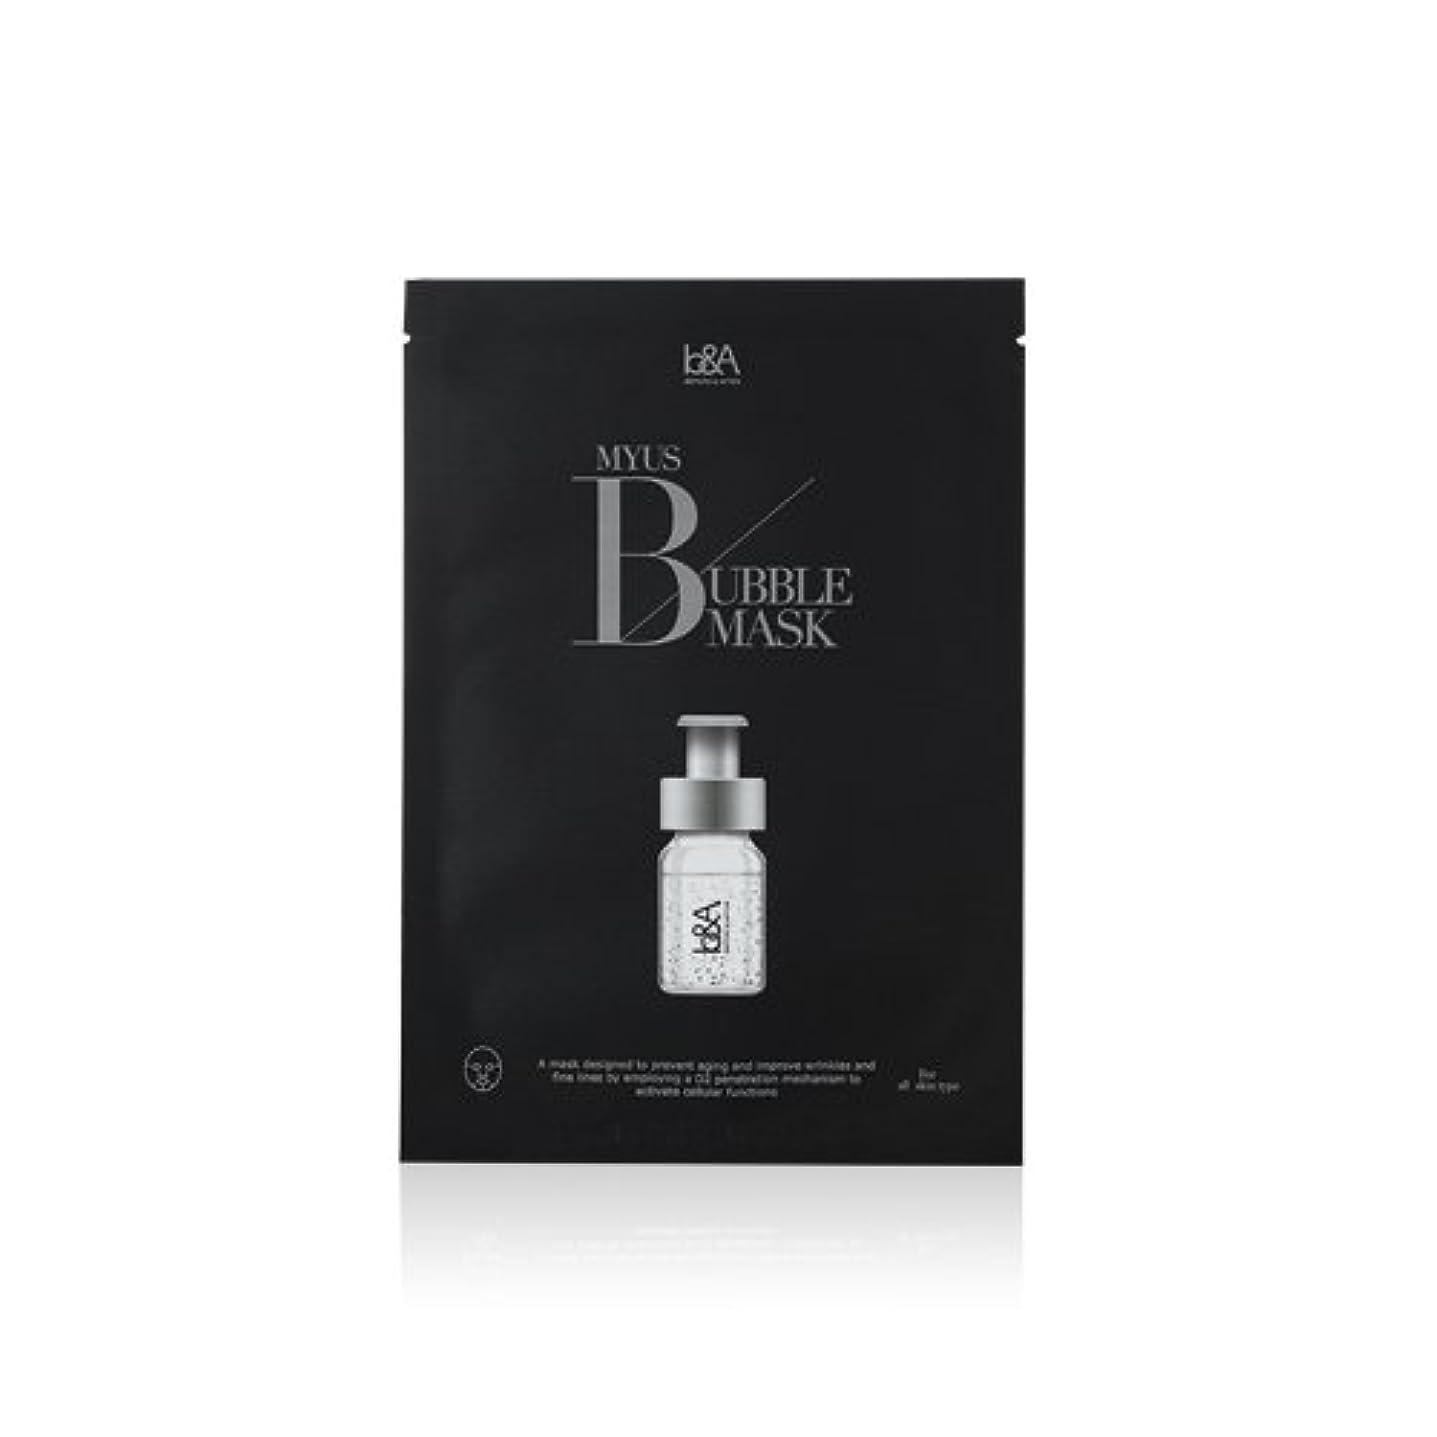 委員会航空便女優BigBang Top [K cosmetic][K beauty] Celeb's-Secret MYUS BUBBLE MASK 5pcs [海外直送品][並行輸入品]